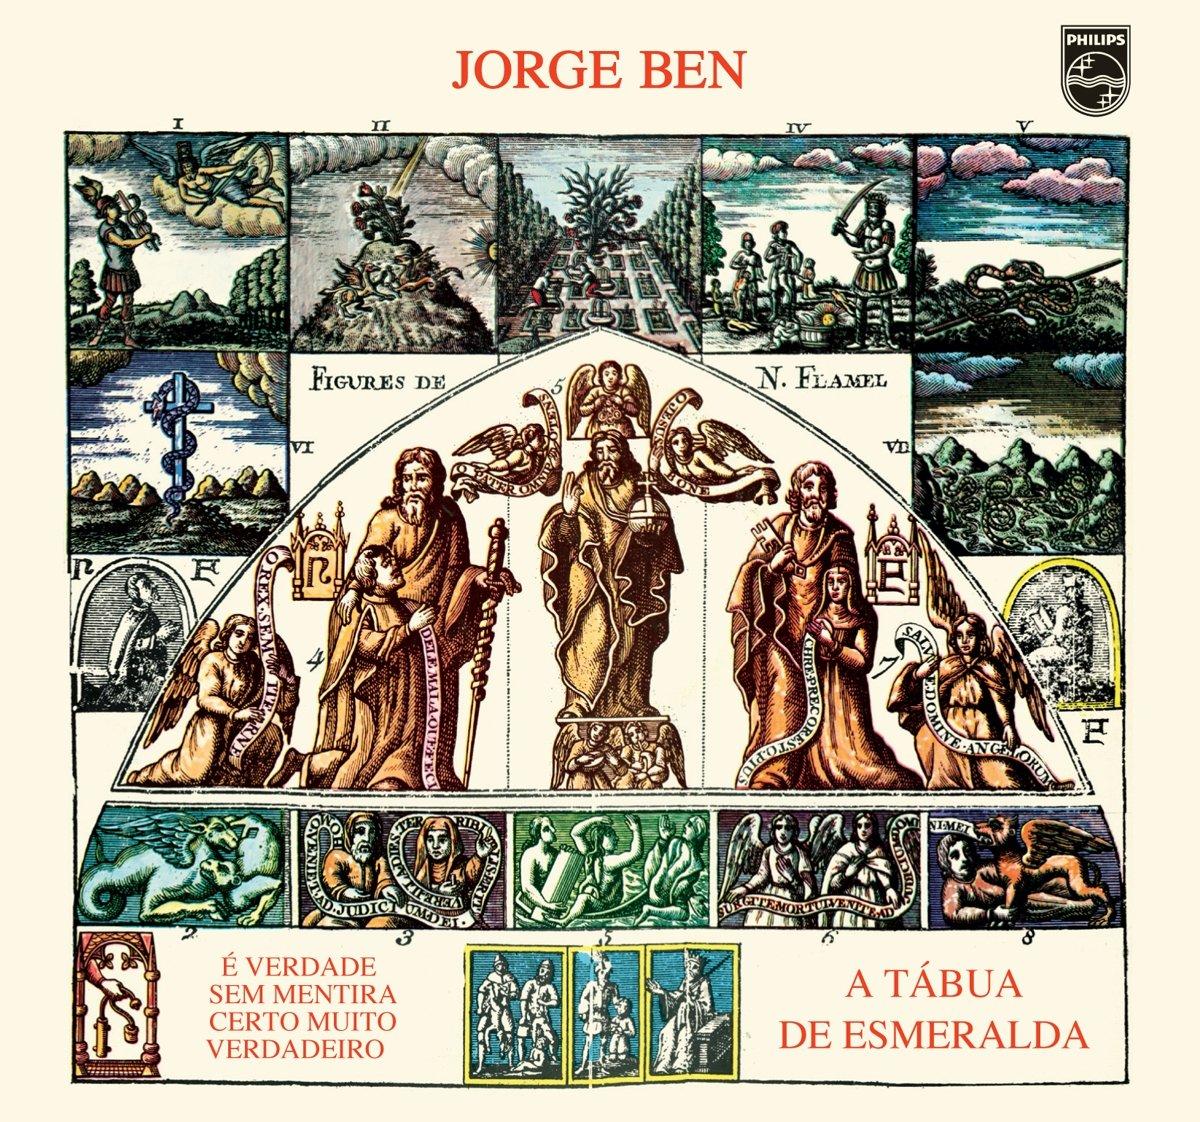 A Tabua De Esmeralda kopen